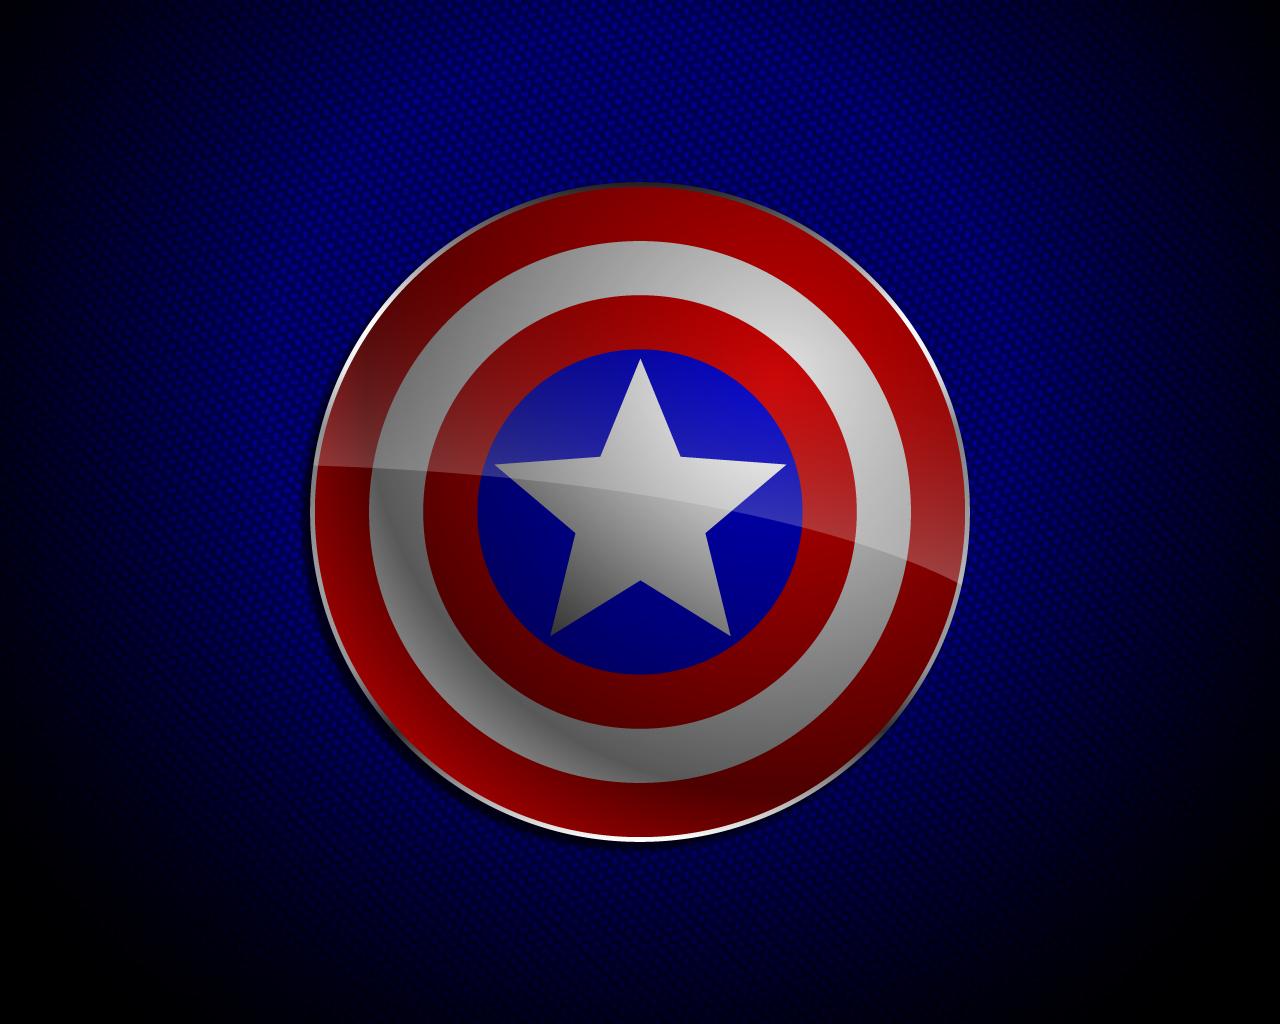 49 Captain America Wallpaper On Wallpapersafari